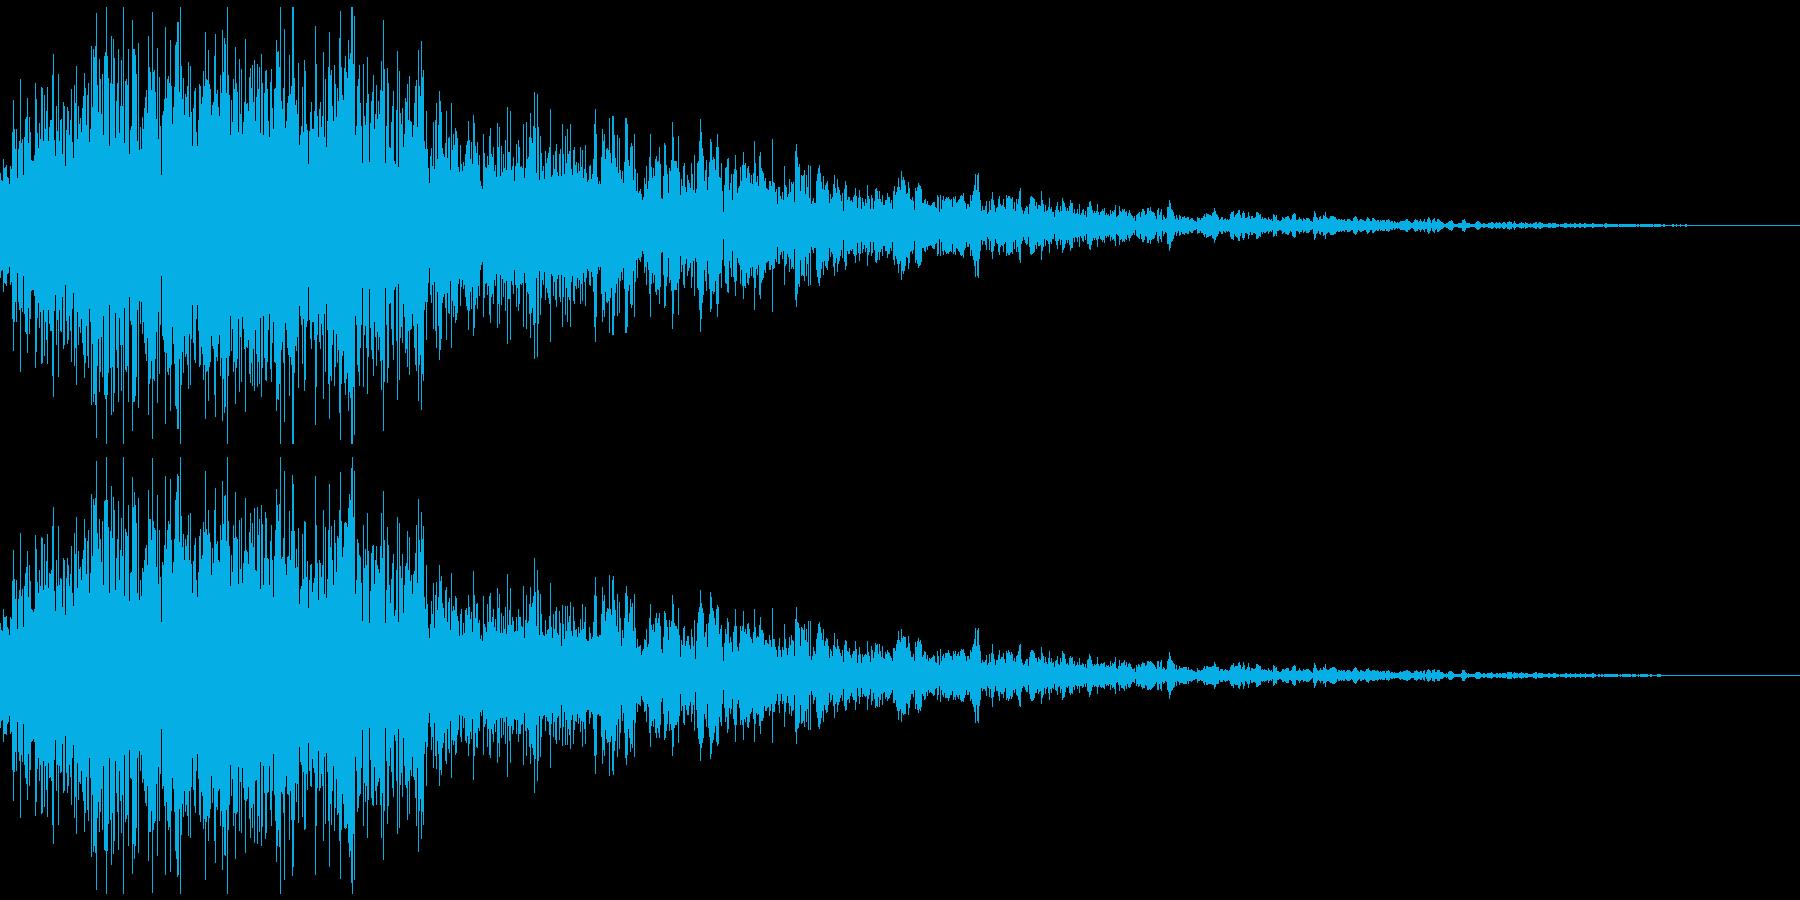 ロボット足音 タイプ1の再生済みの波形